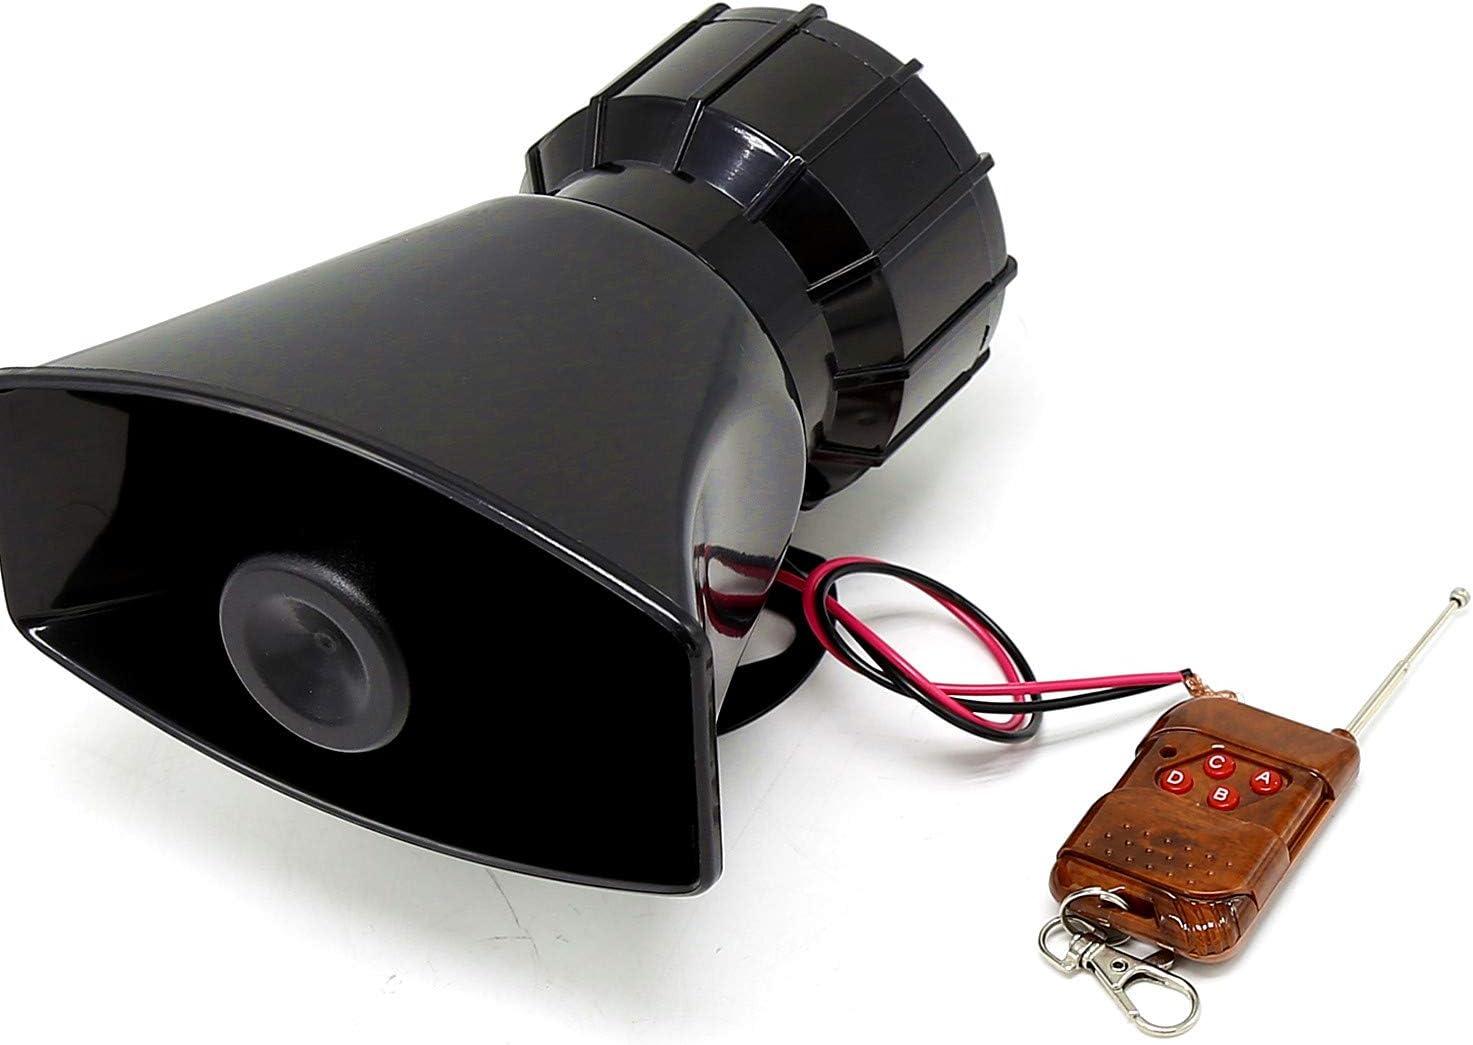 YIYIDA Autohupe Auto Sirene Horn Autohupe Horn Autohupe mit Mikrofon PA-System Notschallverst/ärker lauter elektrischer Hornton kann f/ür jeden 12V Polizeiwagen LKW Van SUV usw verwendet Werden.